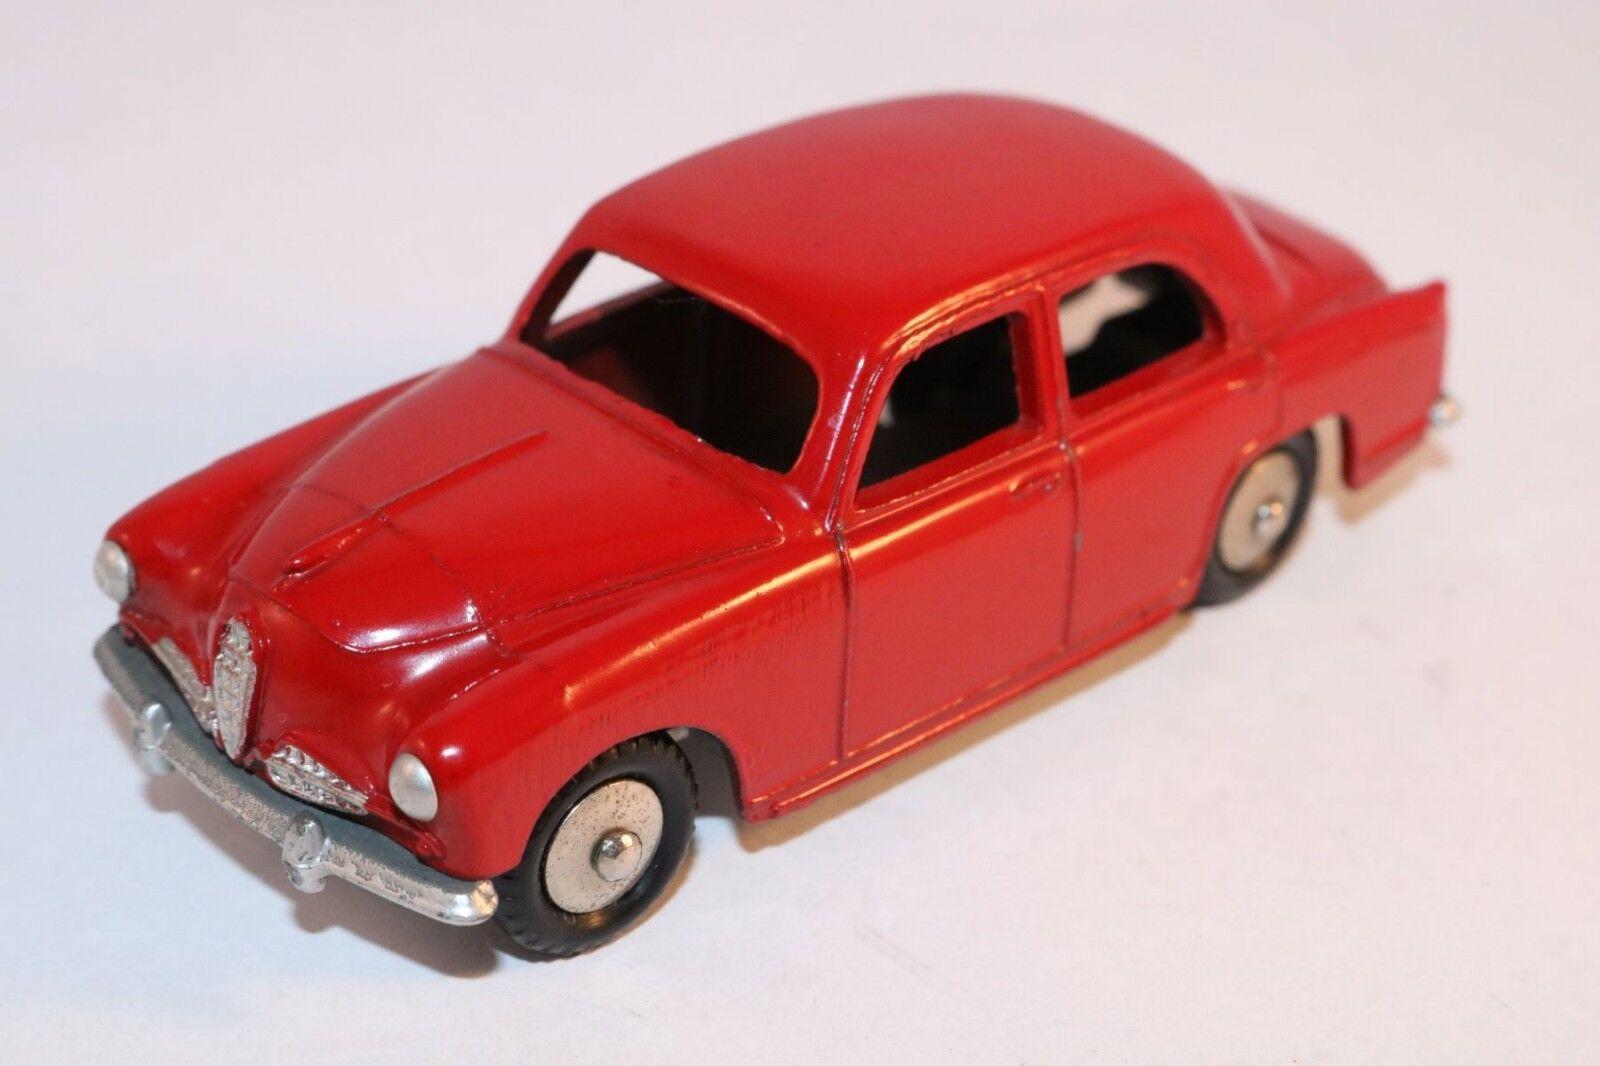 Mercury 16 Alfa Romeo 1900 rosso in mint tutti original condition